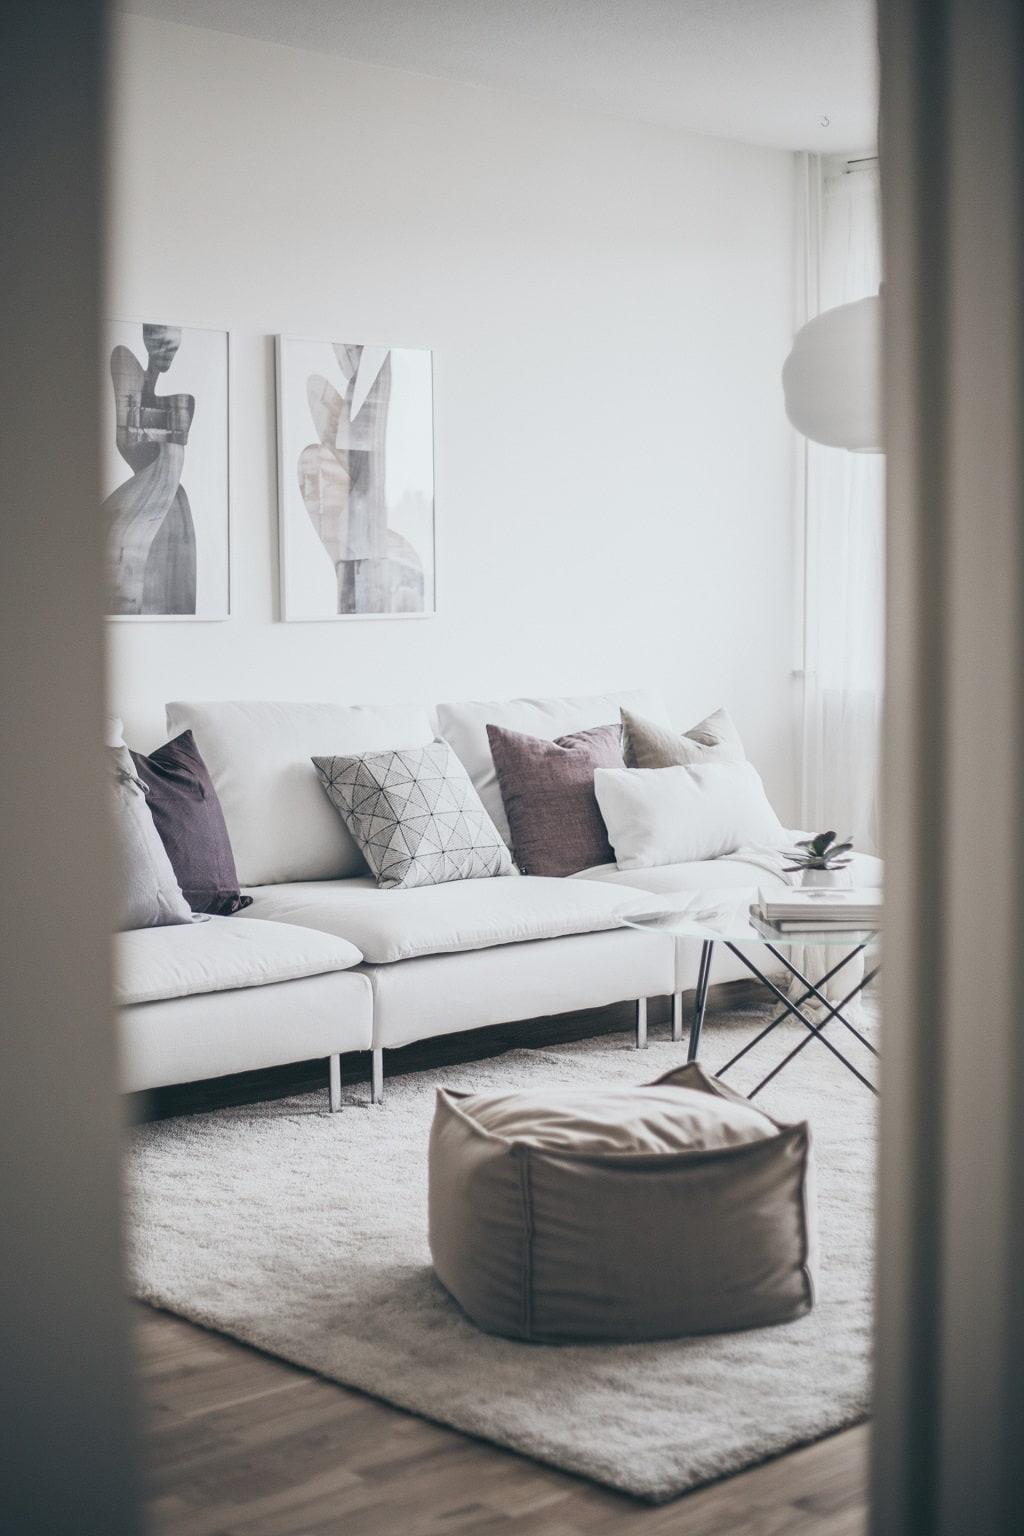 Vardagsrum med ljus matta och soffa